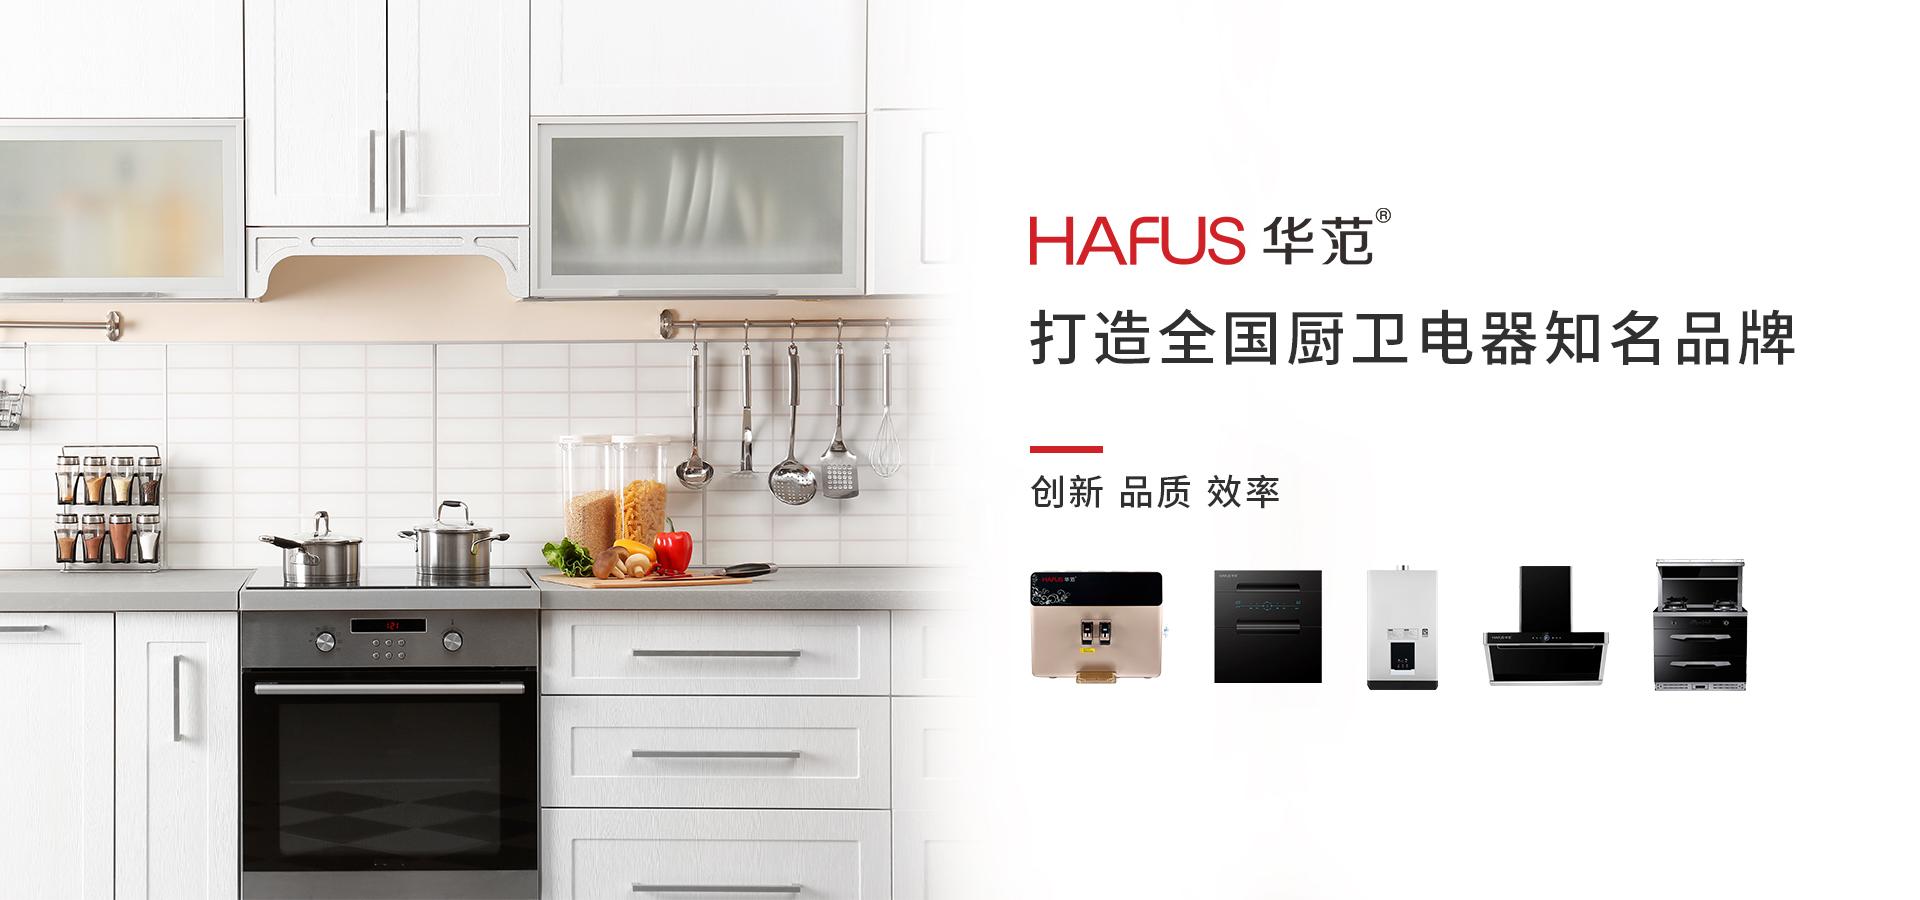 聚焦单品突破,看华范电器如何按下高端厨卫品牌加速器?